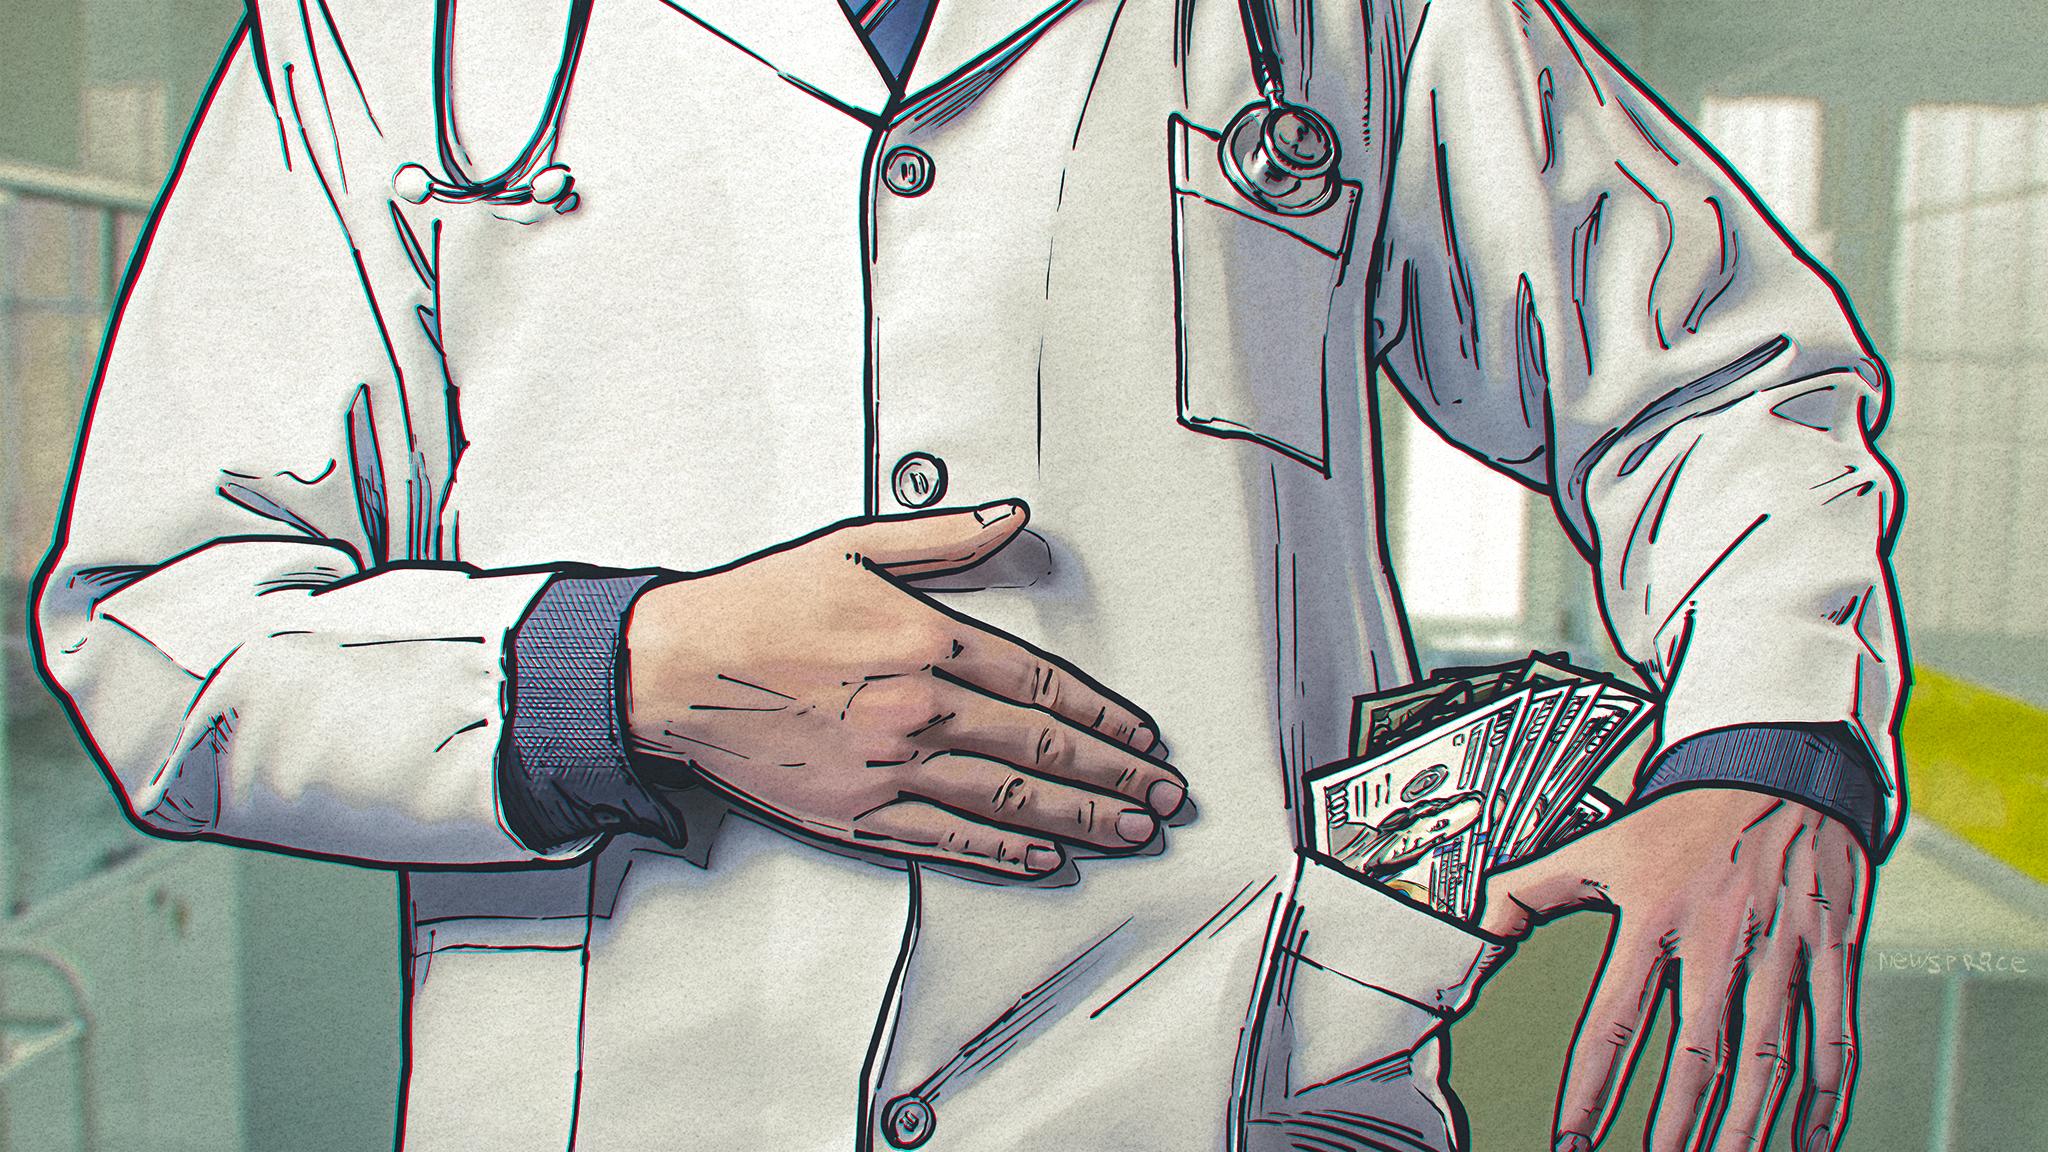 Кошелек или жизнь: что выбирают врачи?